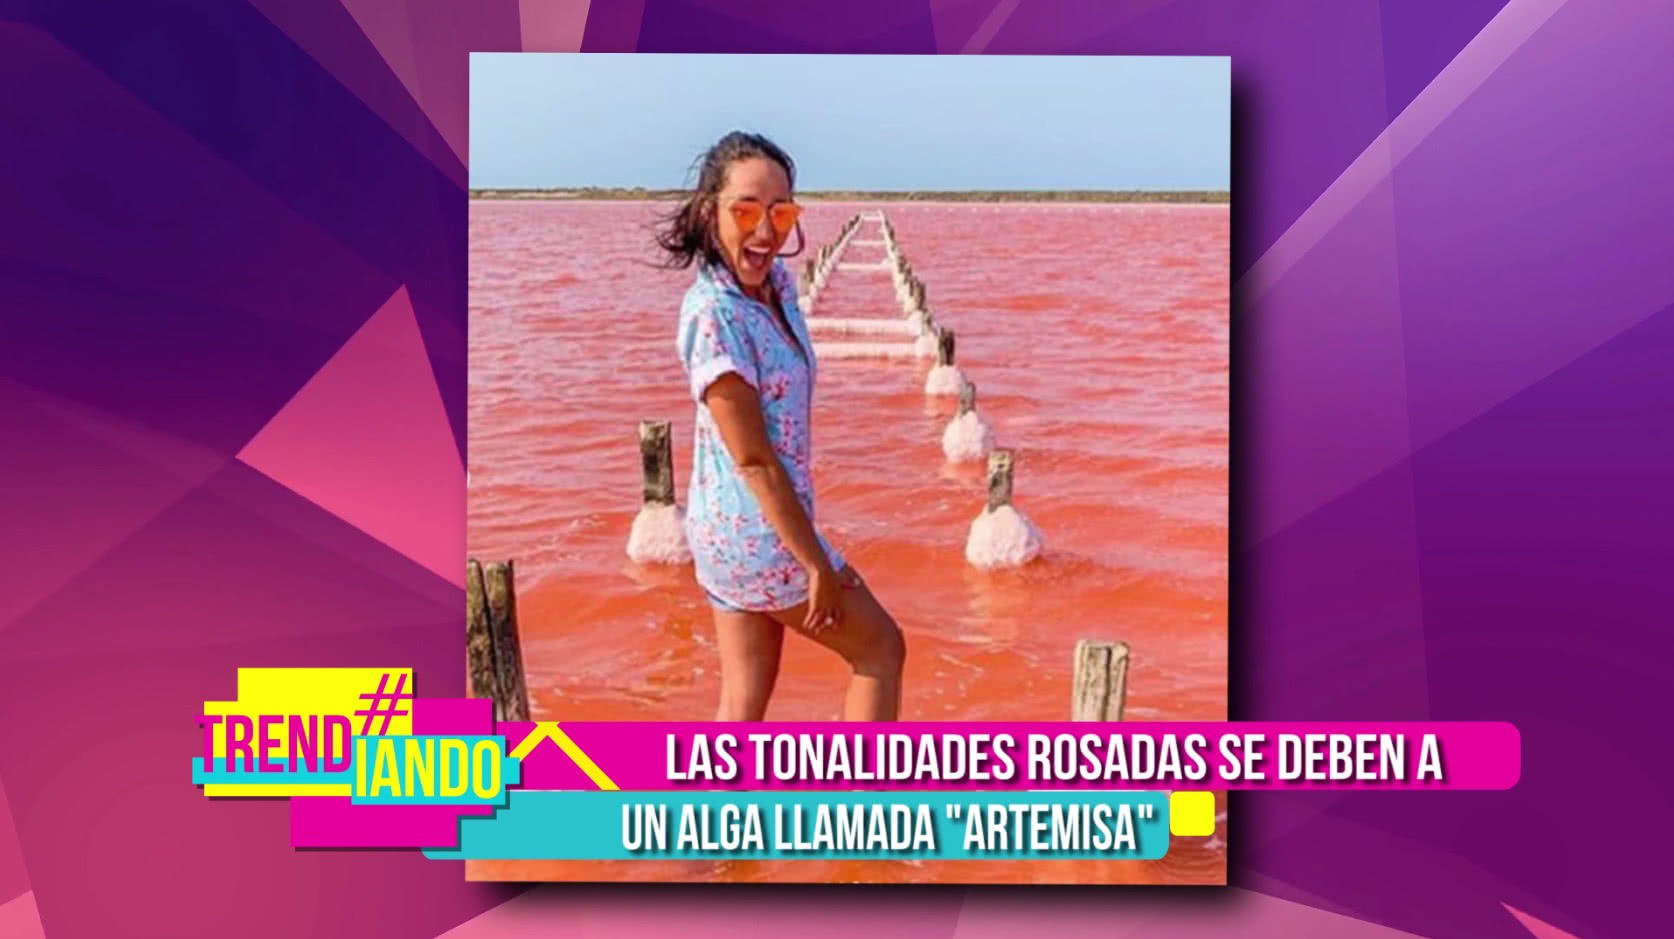 mar-de-color-rosado-atrae-turistas-en-colombia.jpg